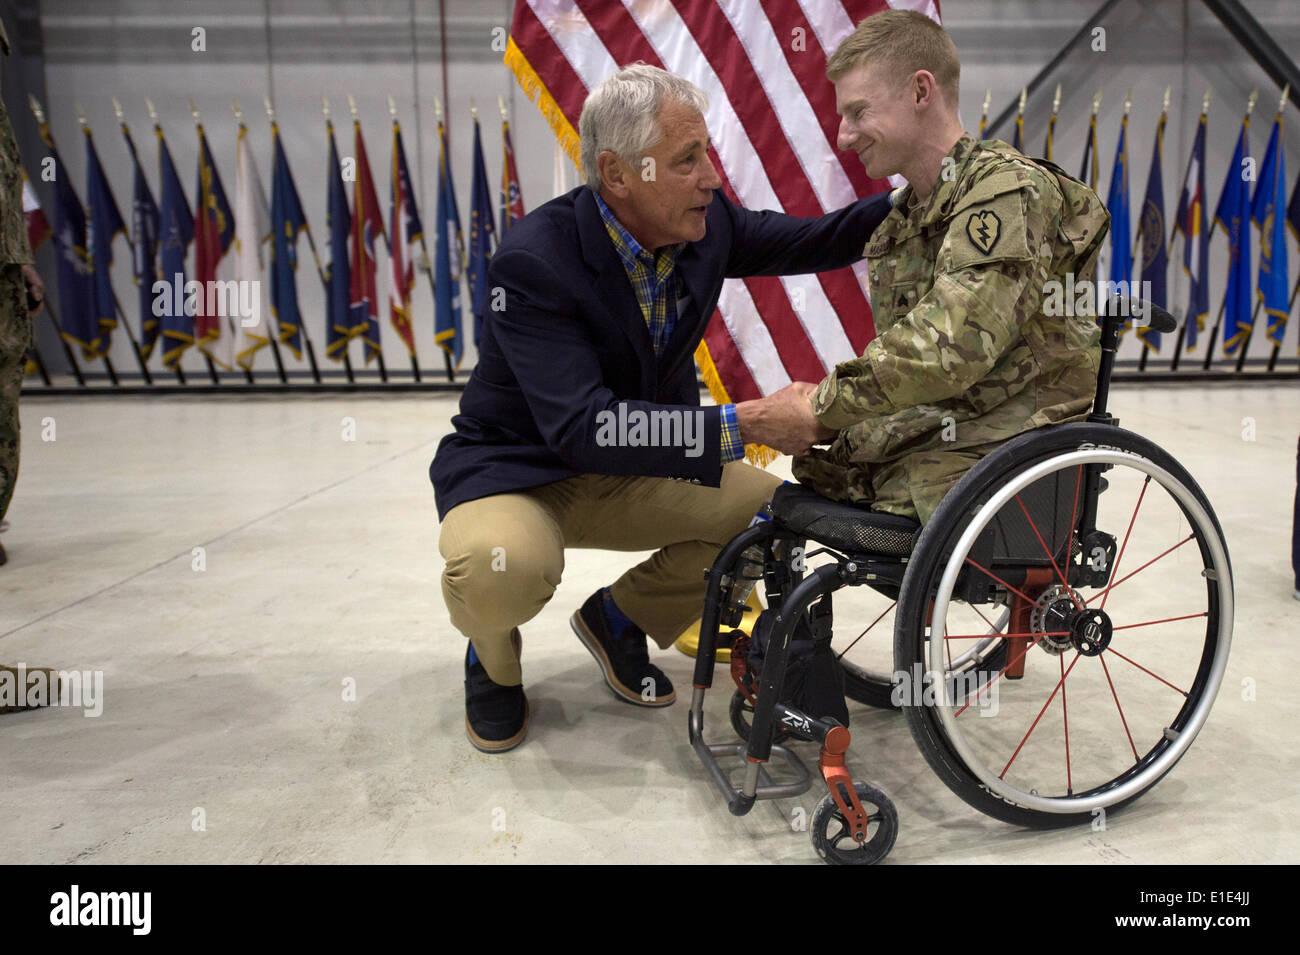 US-Verteidigungsminister Chuck Hagel spricht für einen verwundeten Krieger 1. Juni 2014 in einen Überraschungsbesuch Bagram Airfield, Afghanistan. Stockbild